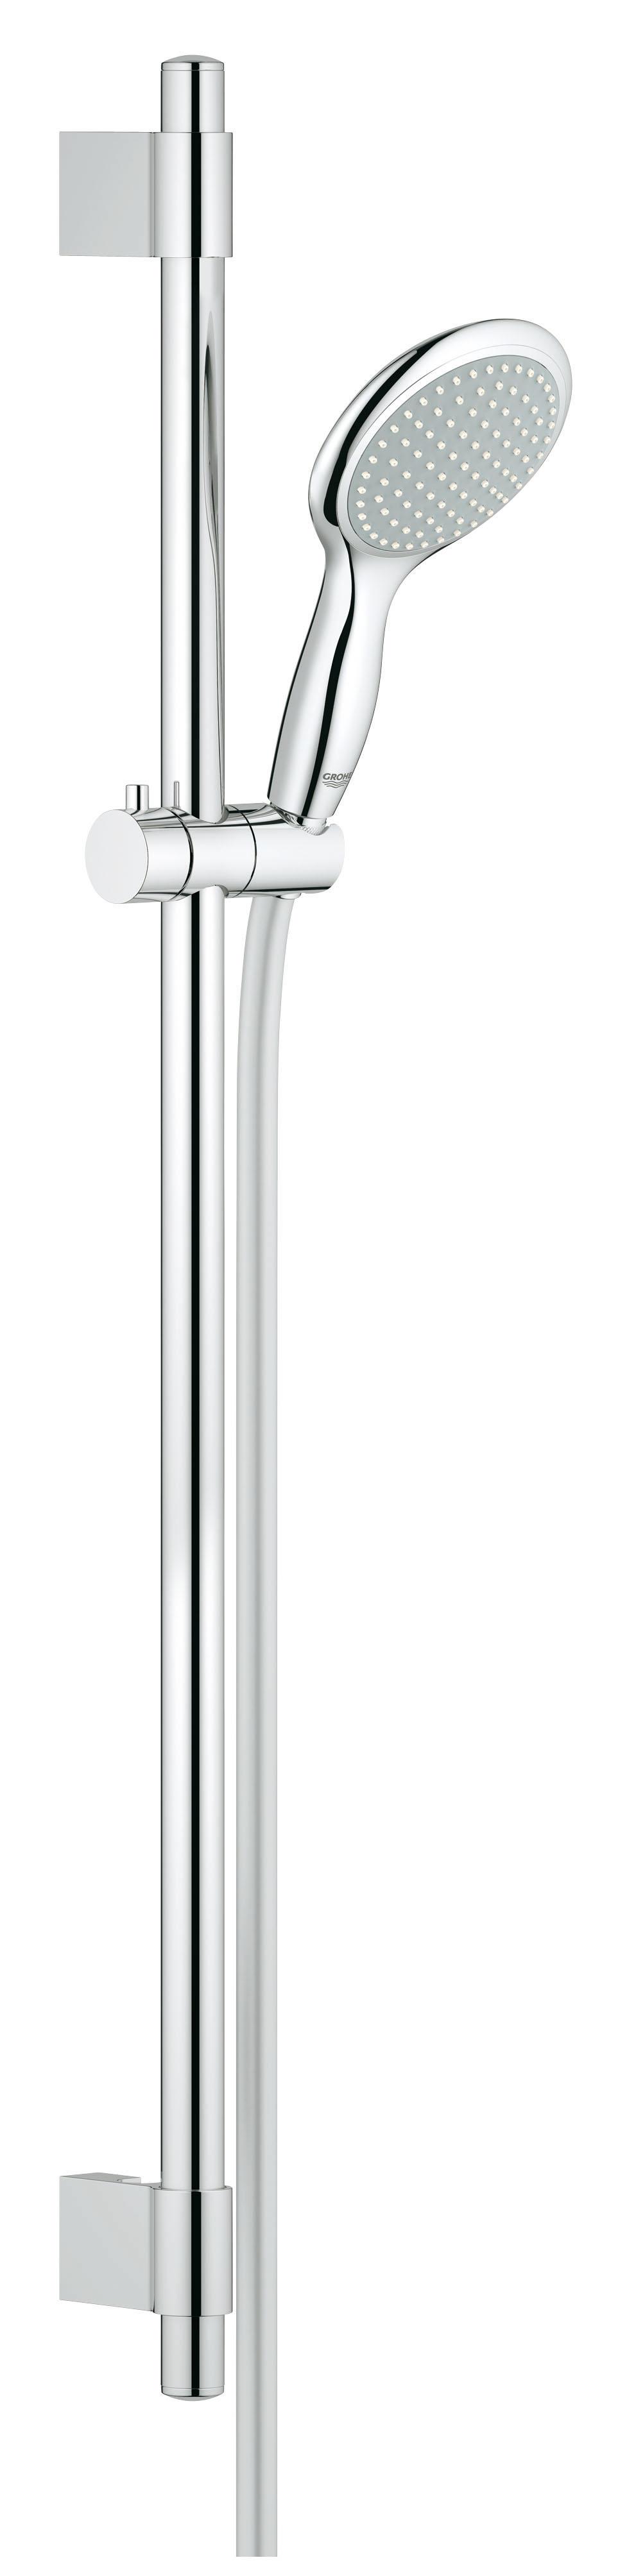 Комплект душевой Grohe Power &soul 27759000 подвесной светильник lussole loft ii lsp 9623